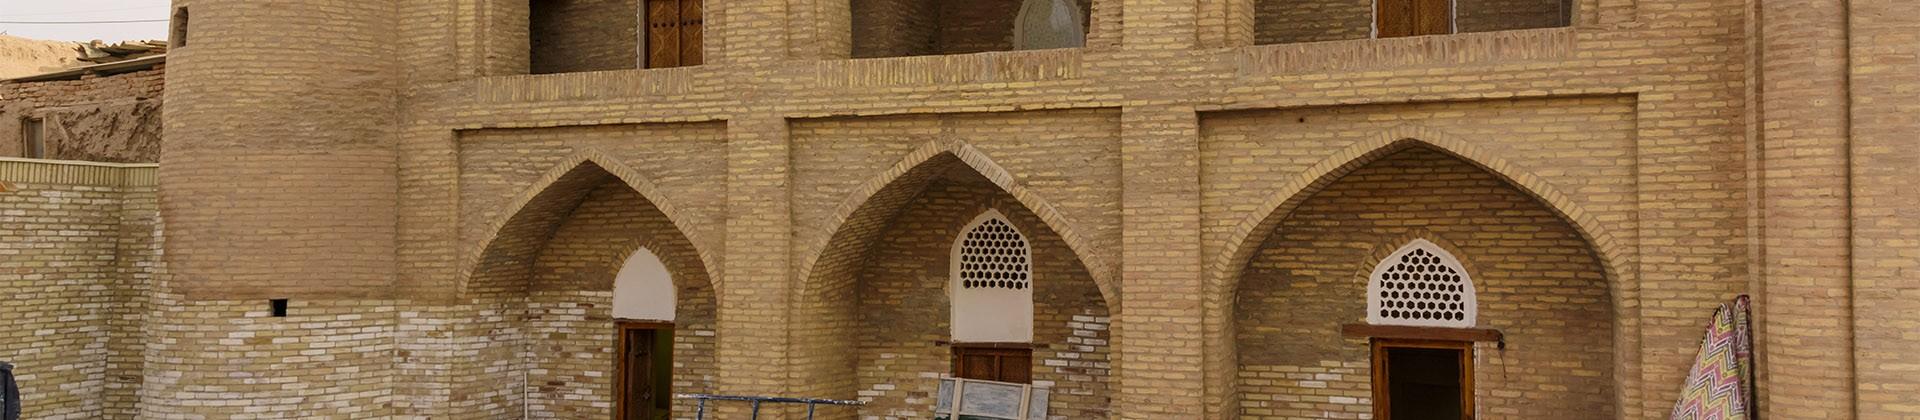 Shergazi-Khan Madrasah - 1